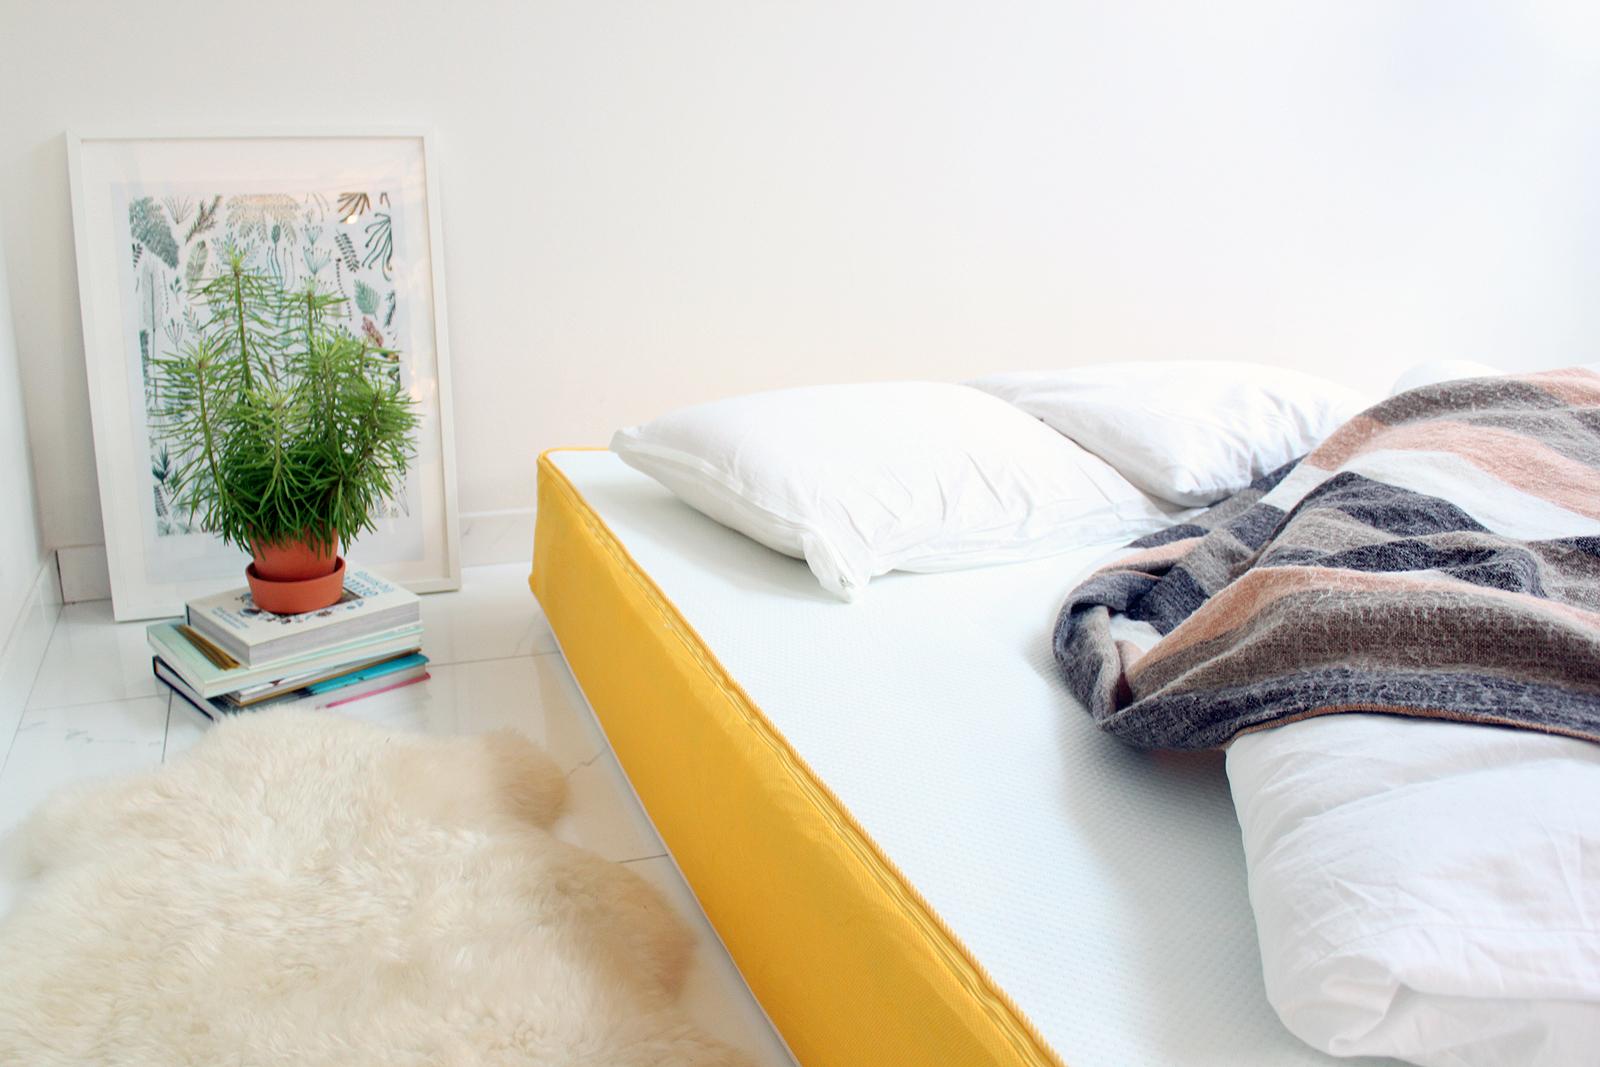 Gaas Het Interieur : De eve matras interieur inrichting